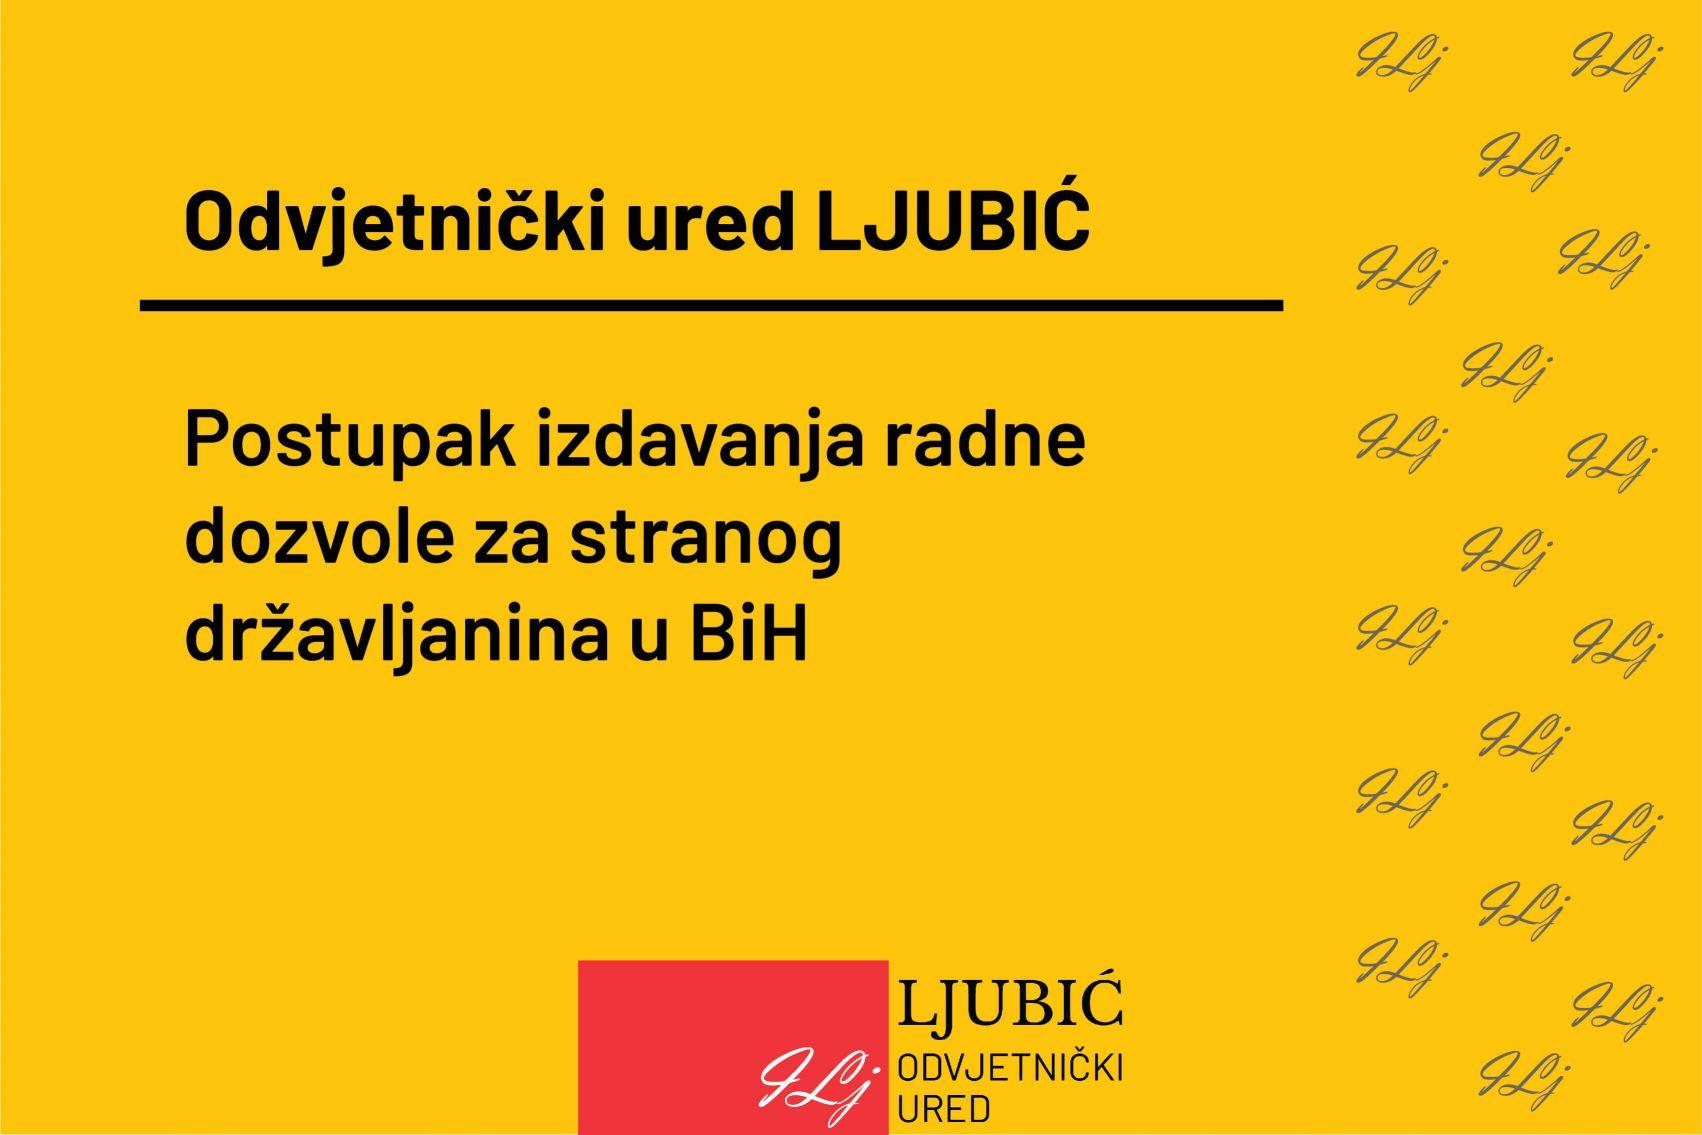 Postupak izdavanja radne dozvole za stranog državljanina u BiH